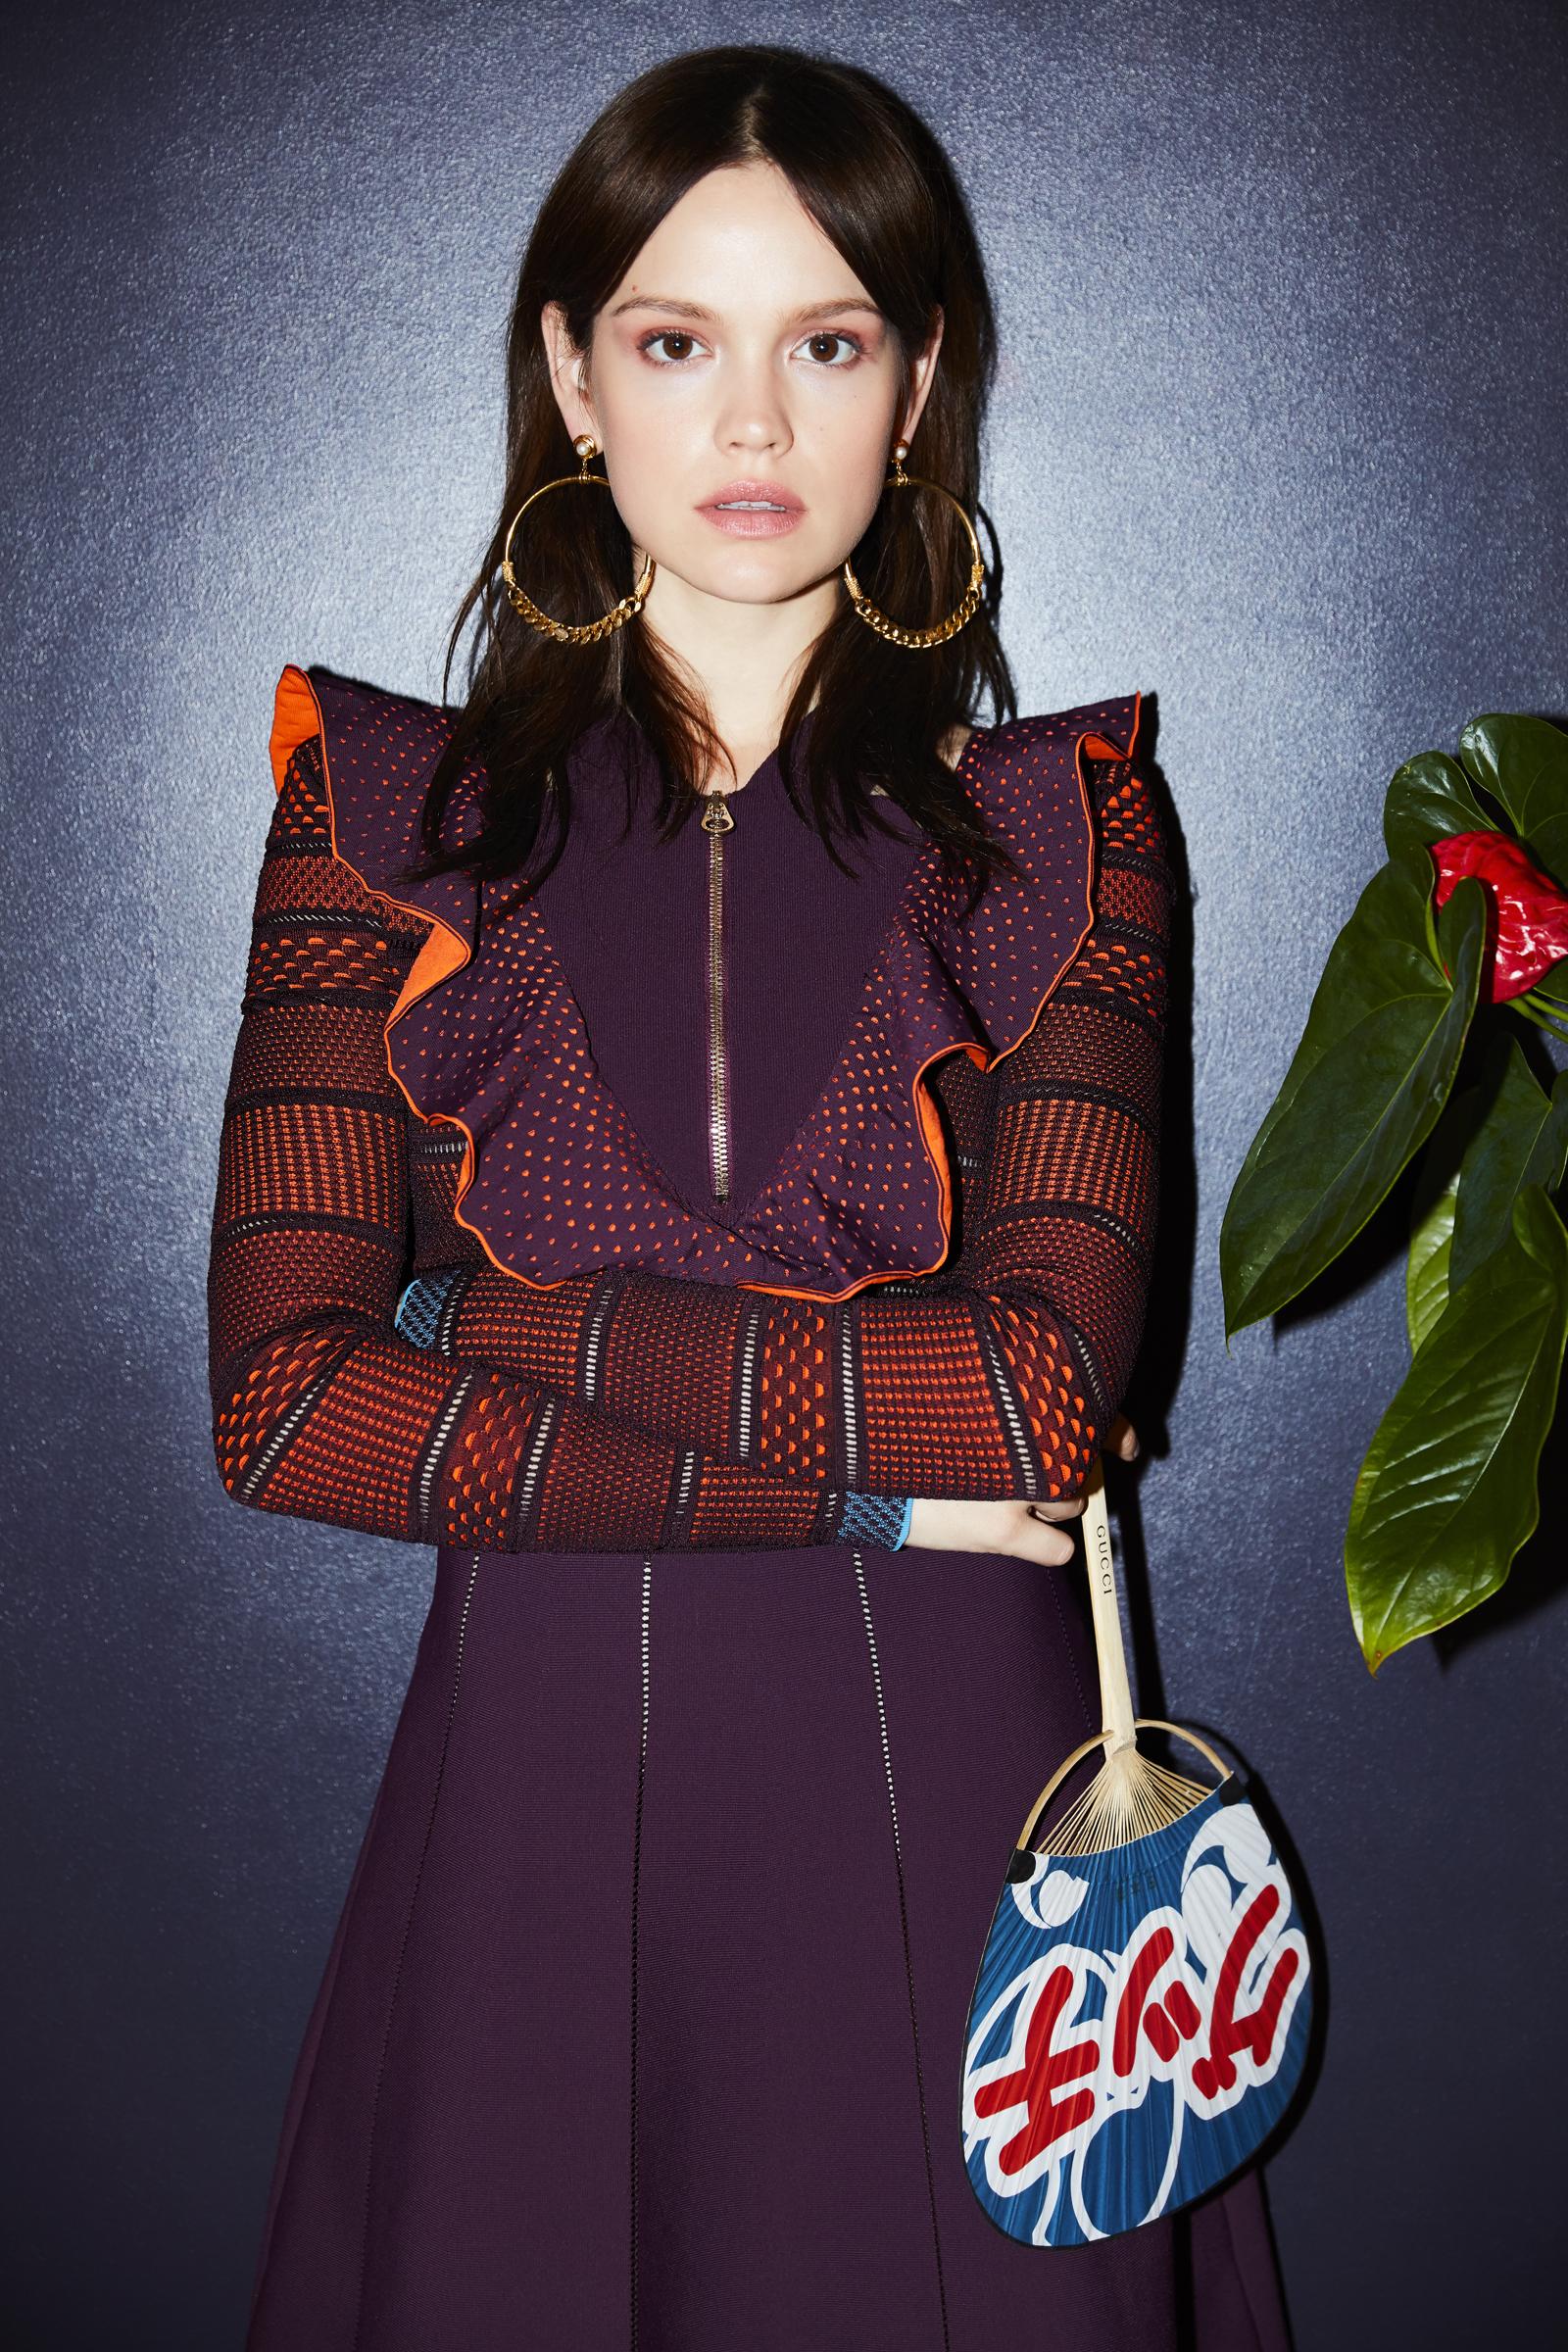 Emilia Schüle Actor